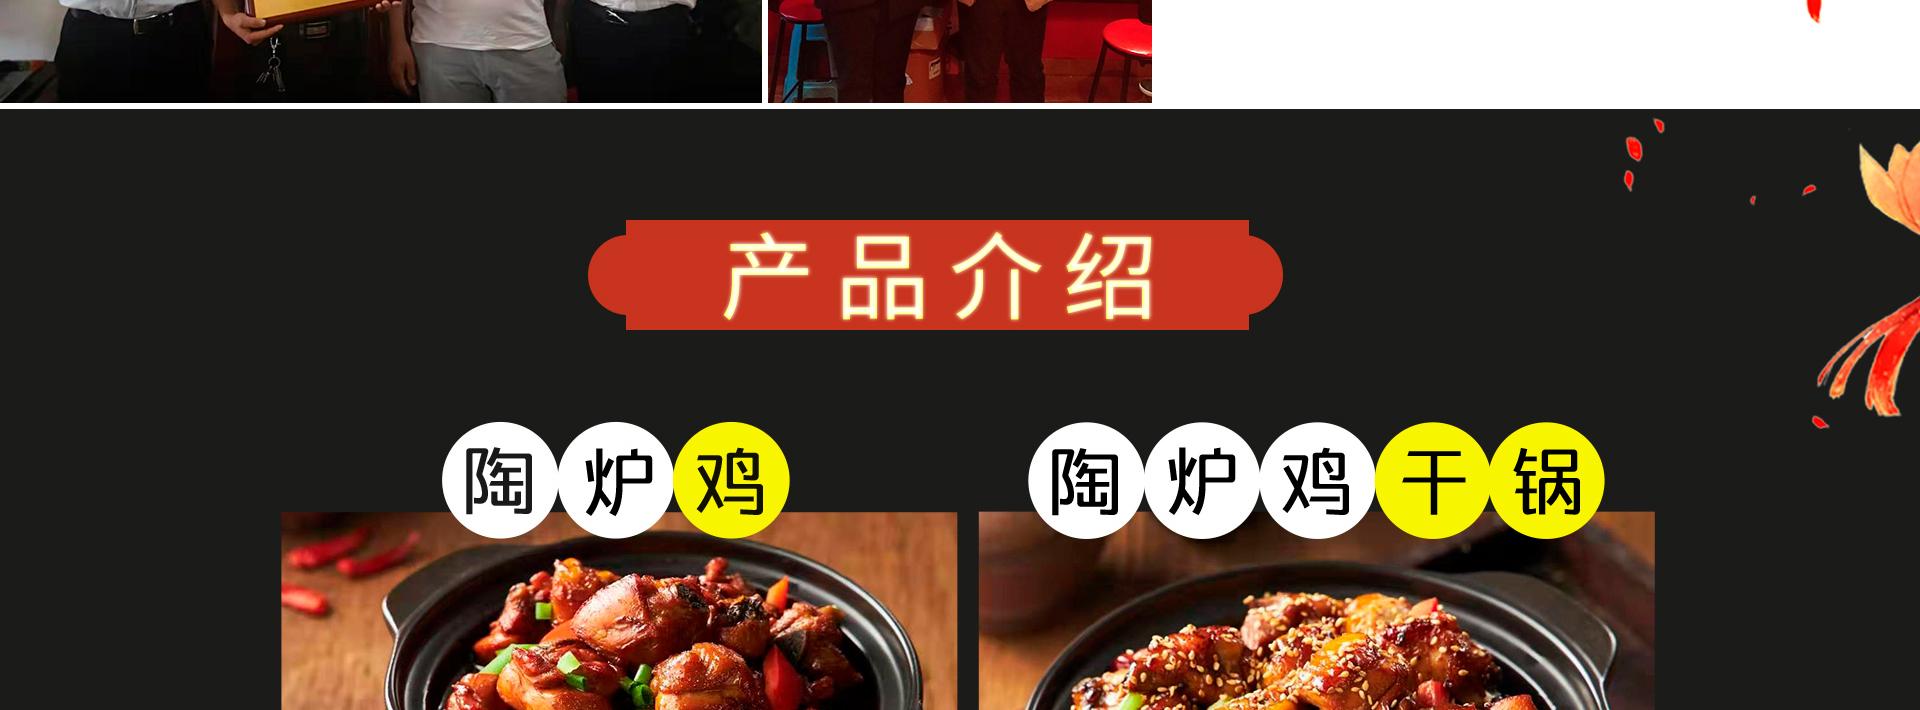 陶炉鸡快餐PC_15